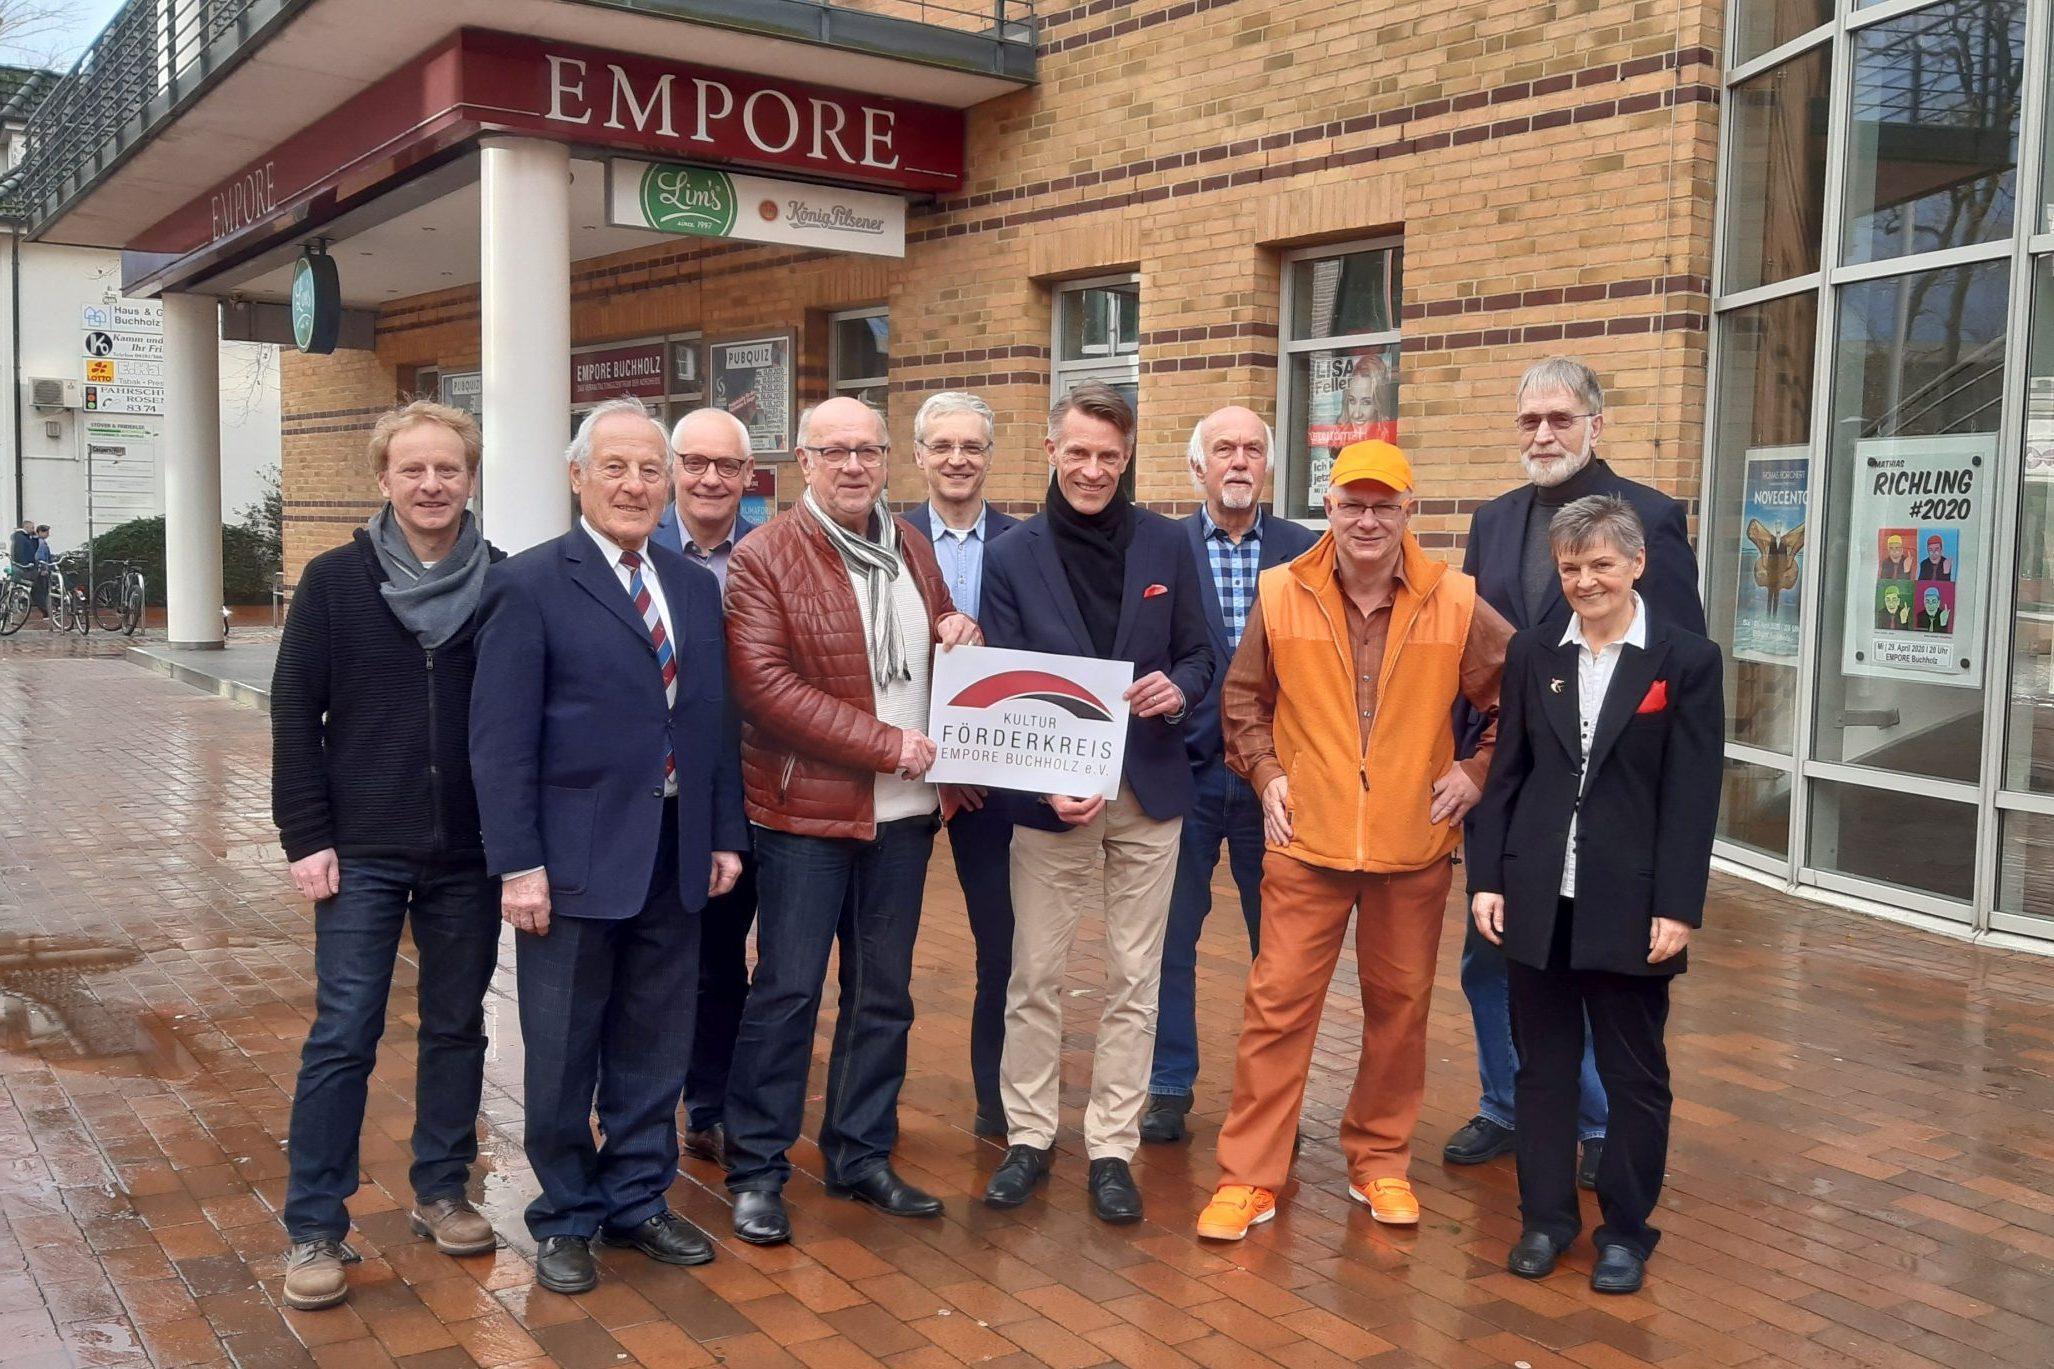 Kultur in Buchholz - Vorstand des Kulturförderkreis EMPORE Buchholz mit Bürgermeister Jan-Hendrik Röhse - Foto: C.Panek